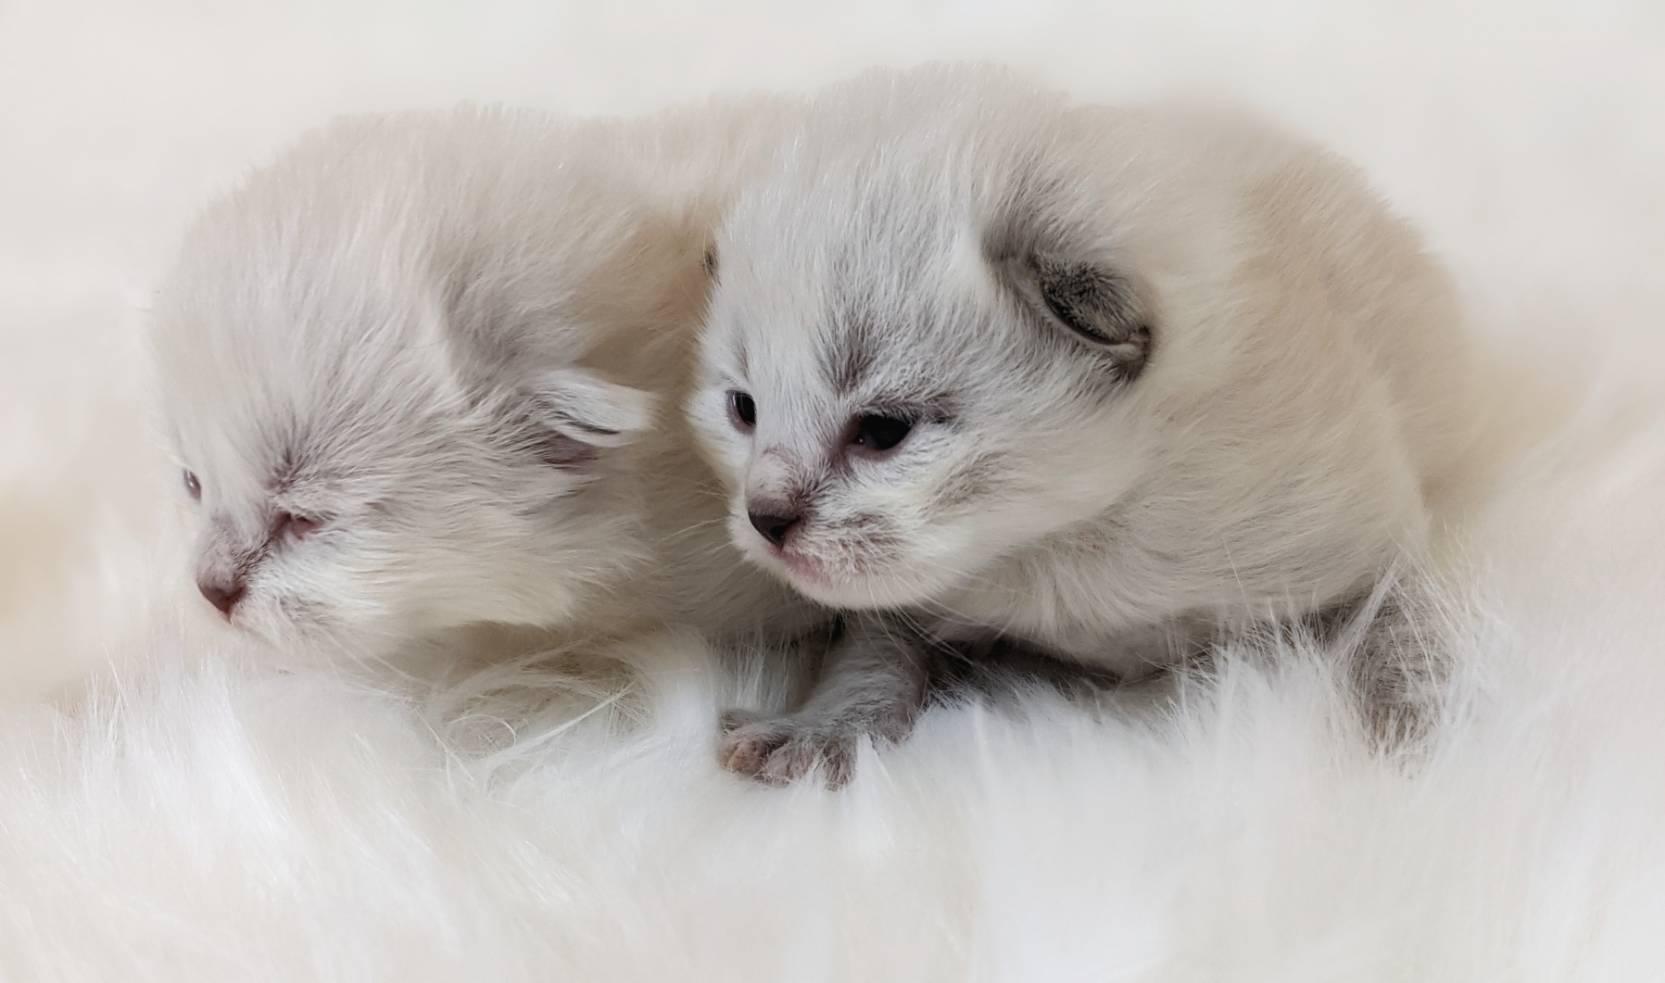 やんちゃんの子猫たち②まんまるサイベリアンとネヴァマスカレード